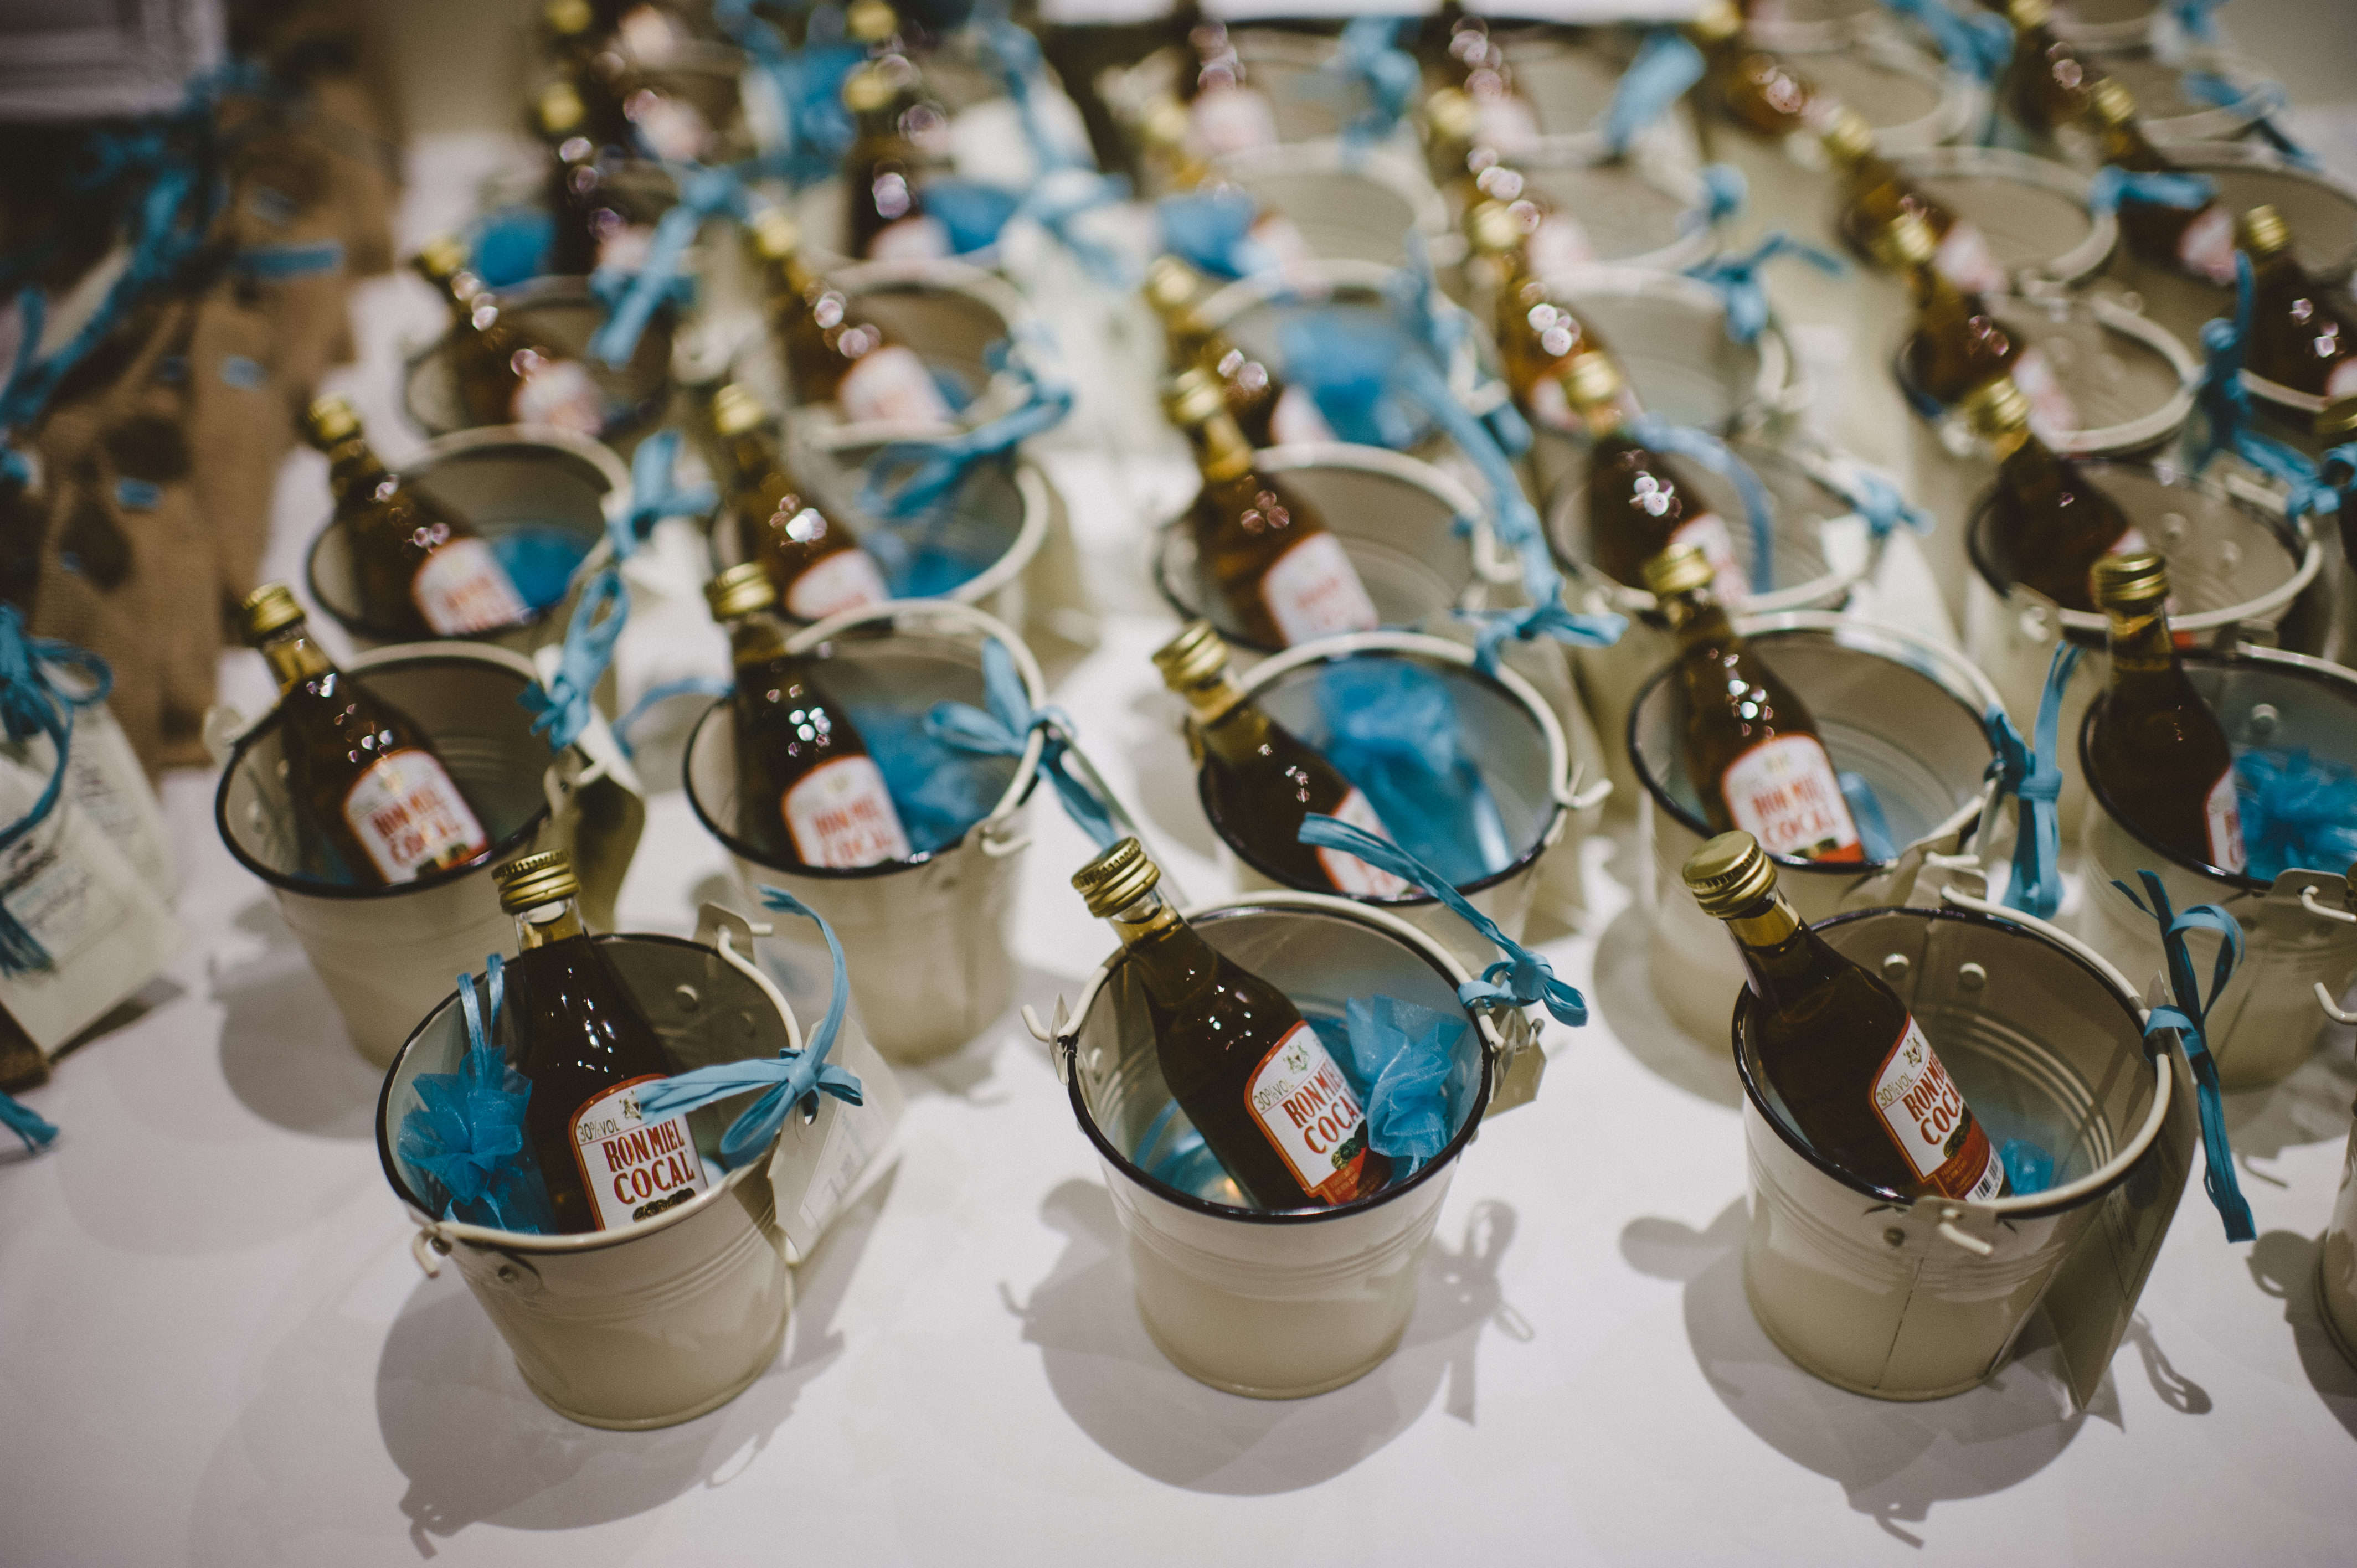 Detallitos originales y tiles p gina 3 antes de la - Regalos para invitados boda originales ...